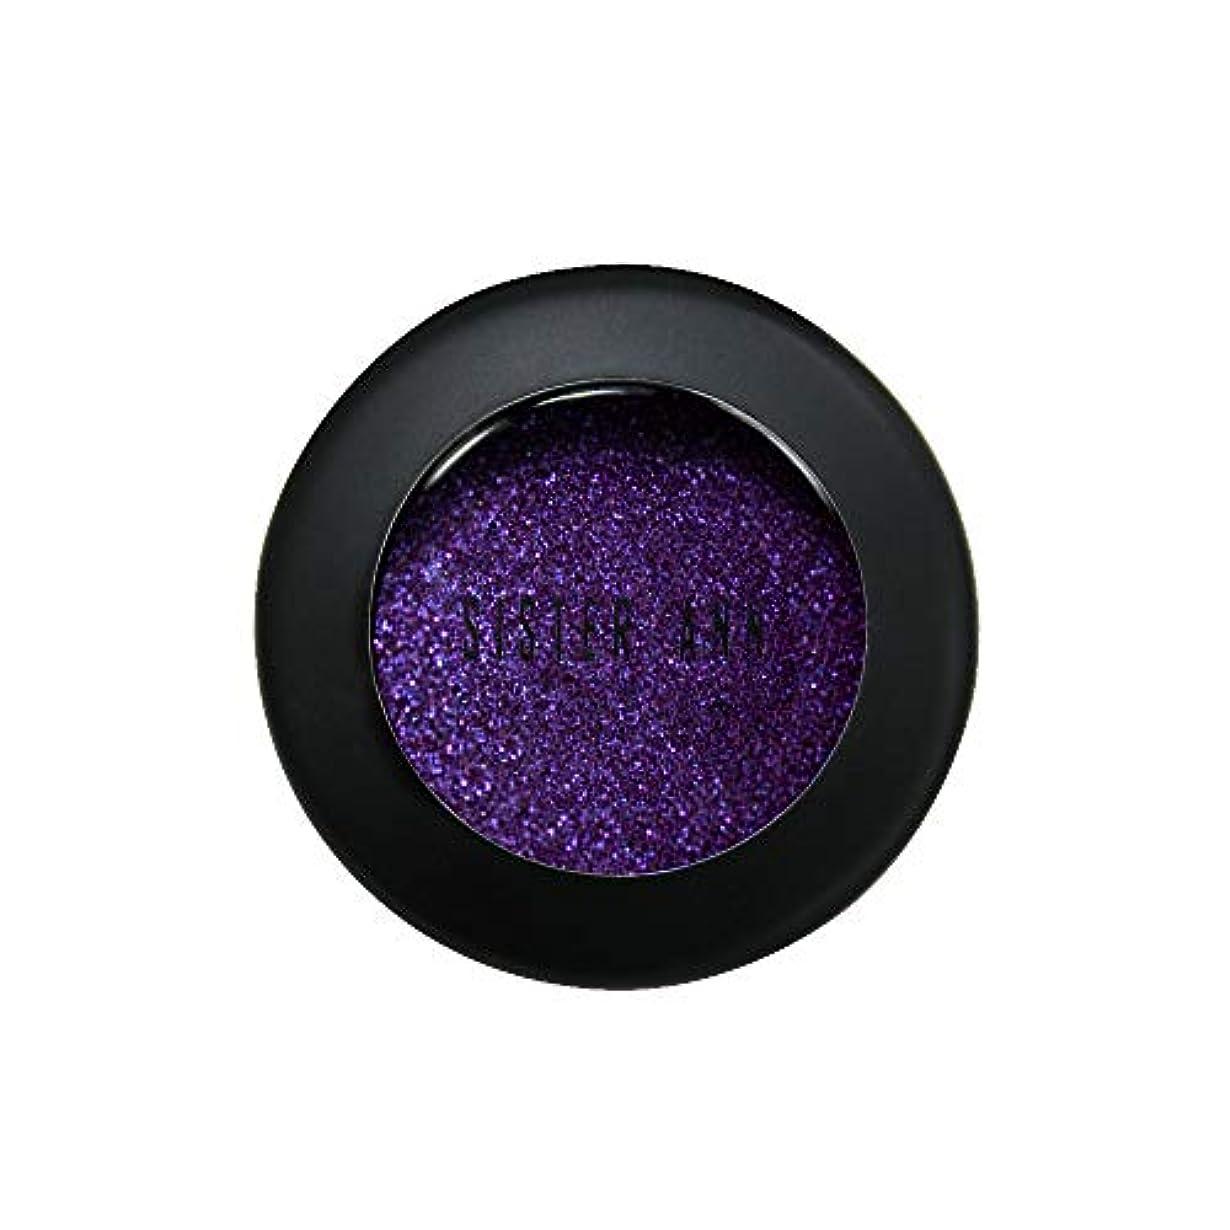 自然公園鬼ごっこ合併症[SISTER ANN] カラーシャインシャドウ (Signature Purple)